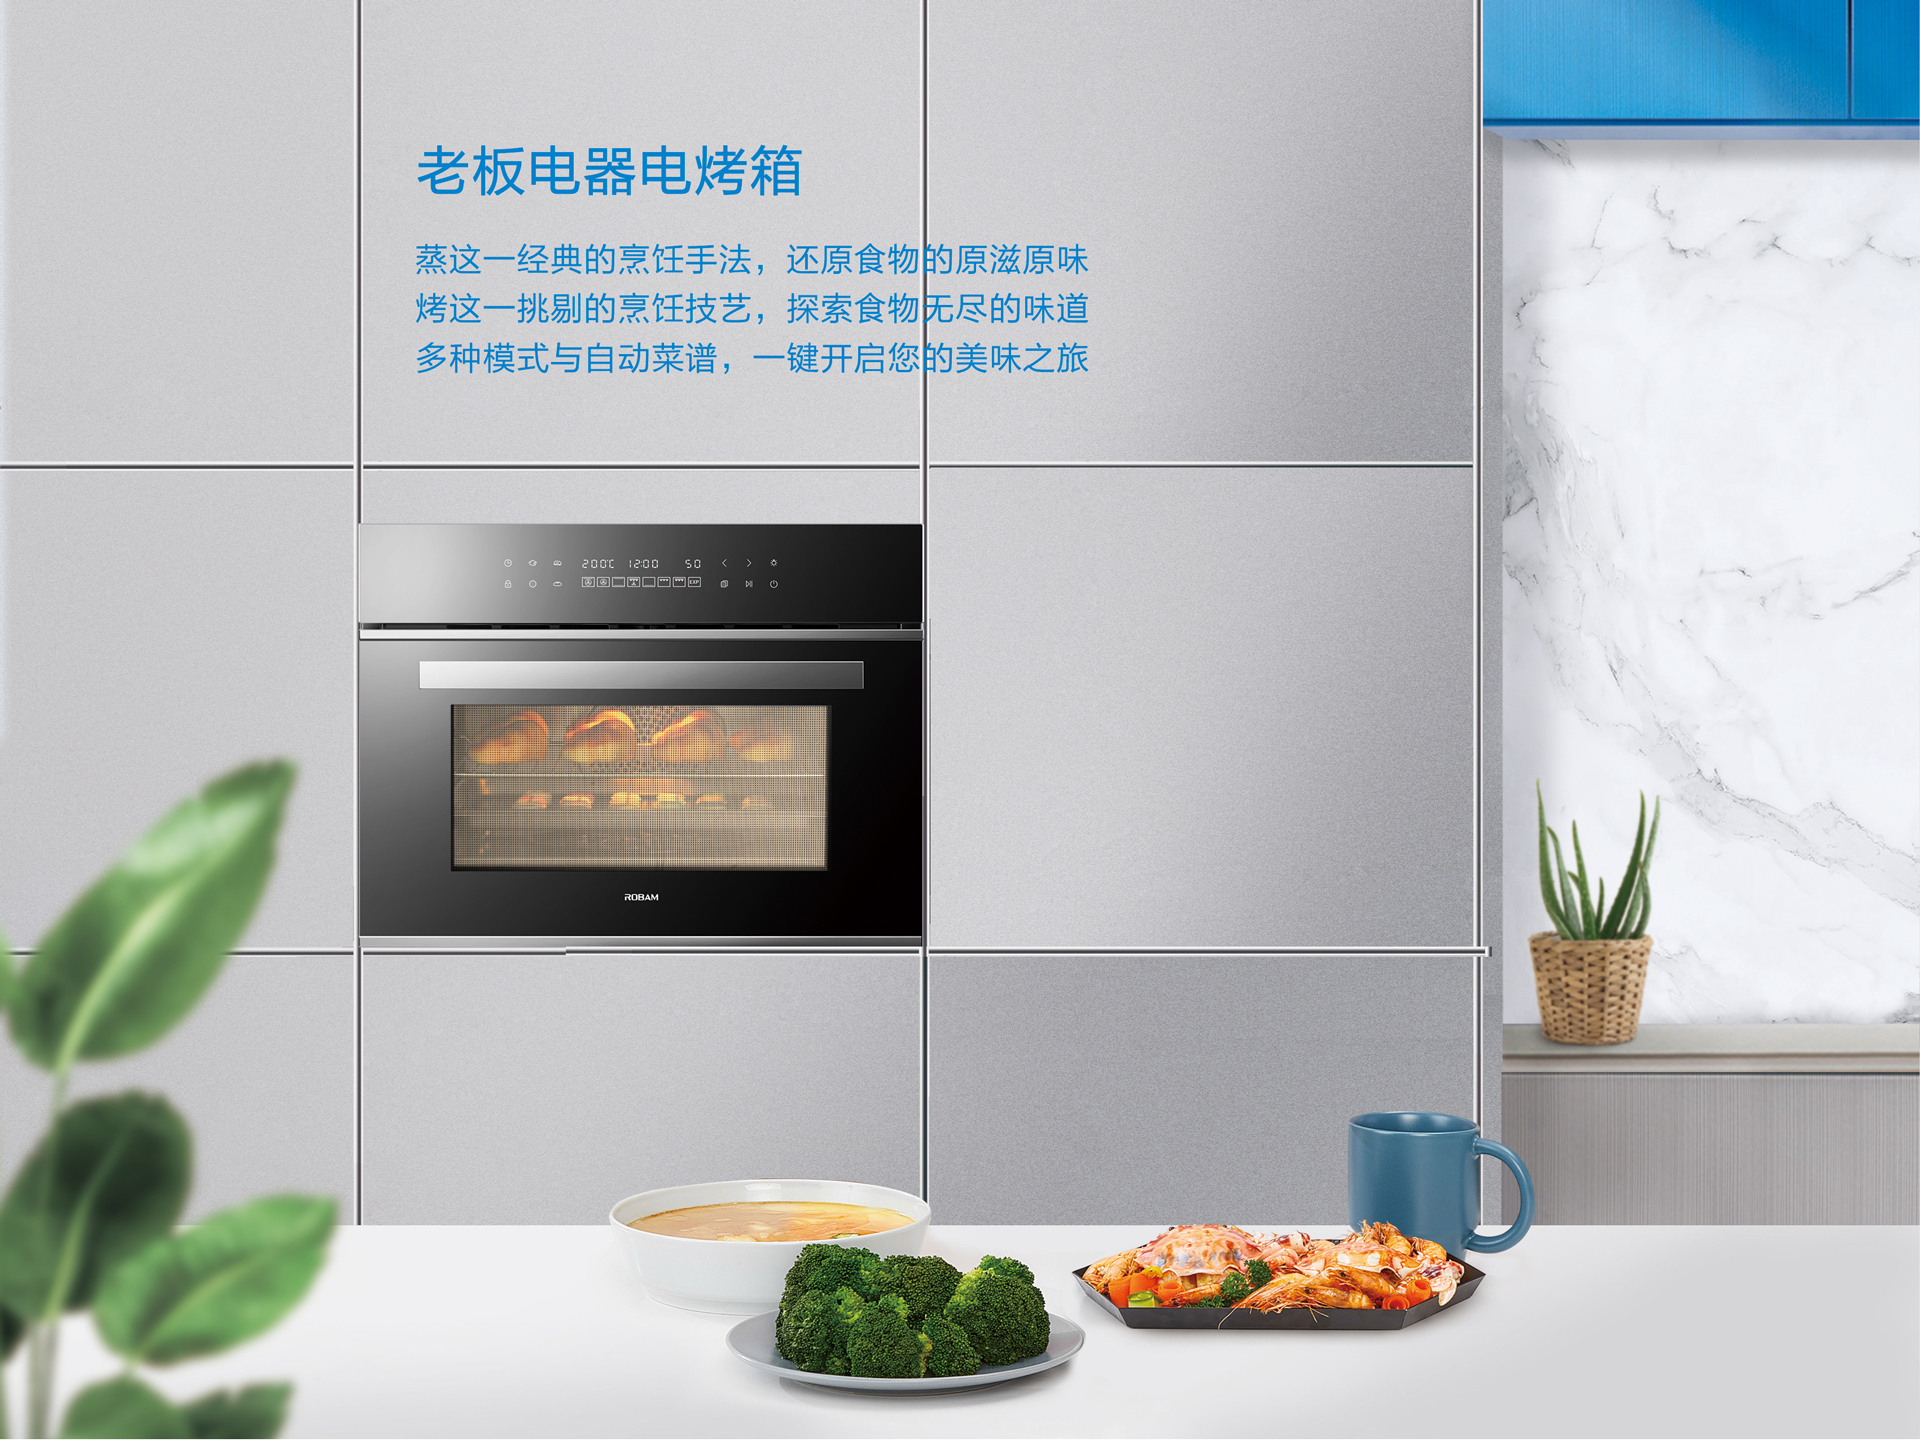 老板电器蒸烤经典系列-SQ229-RQ019册子-内页-3-4-改_01.jpg